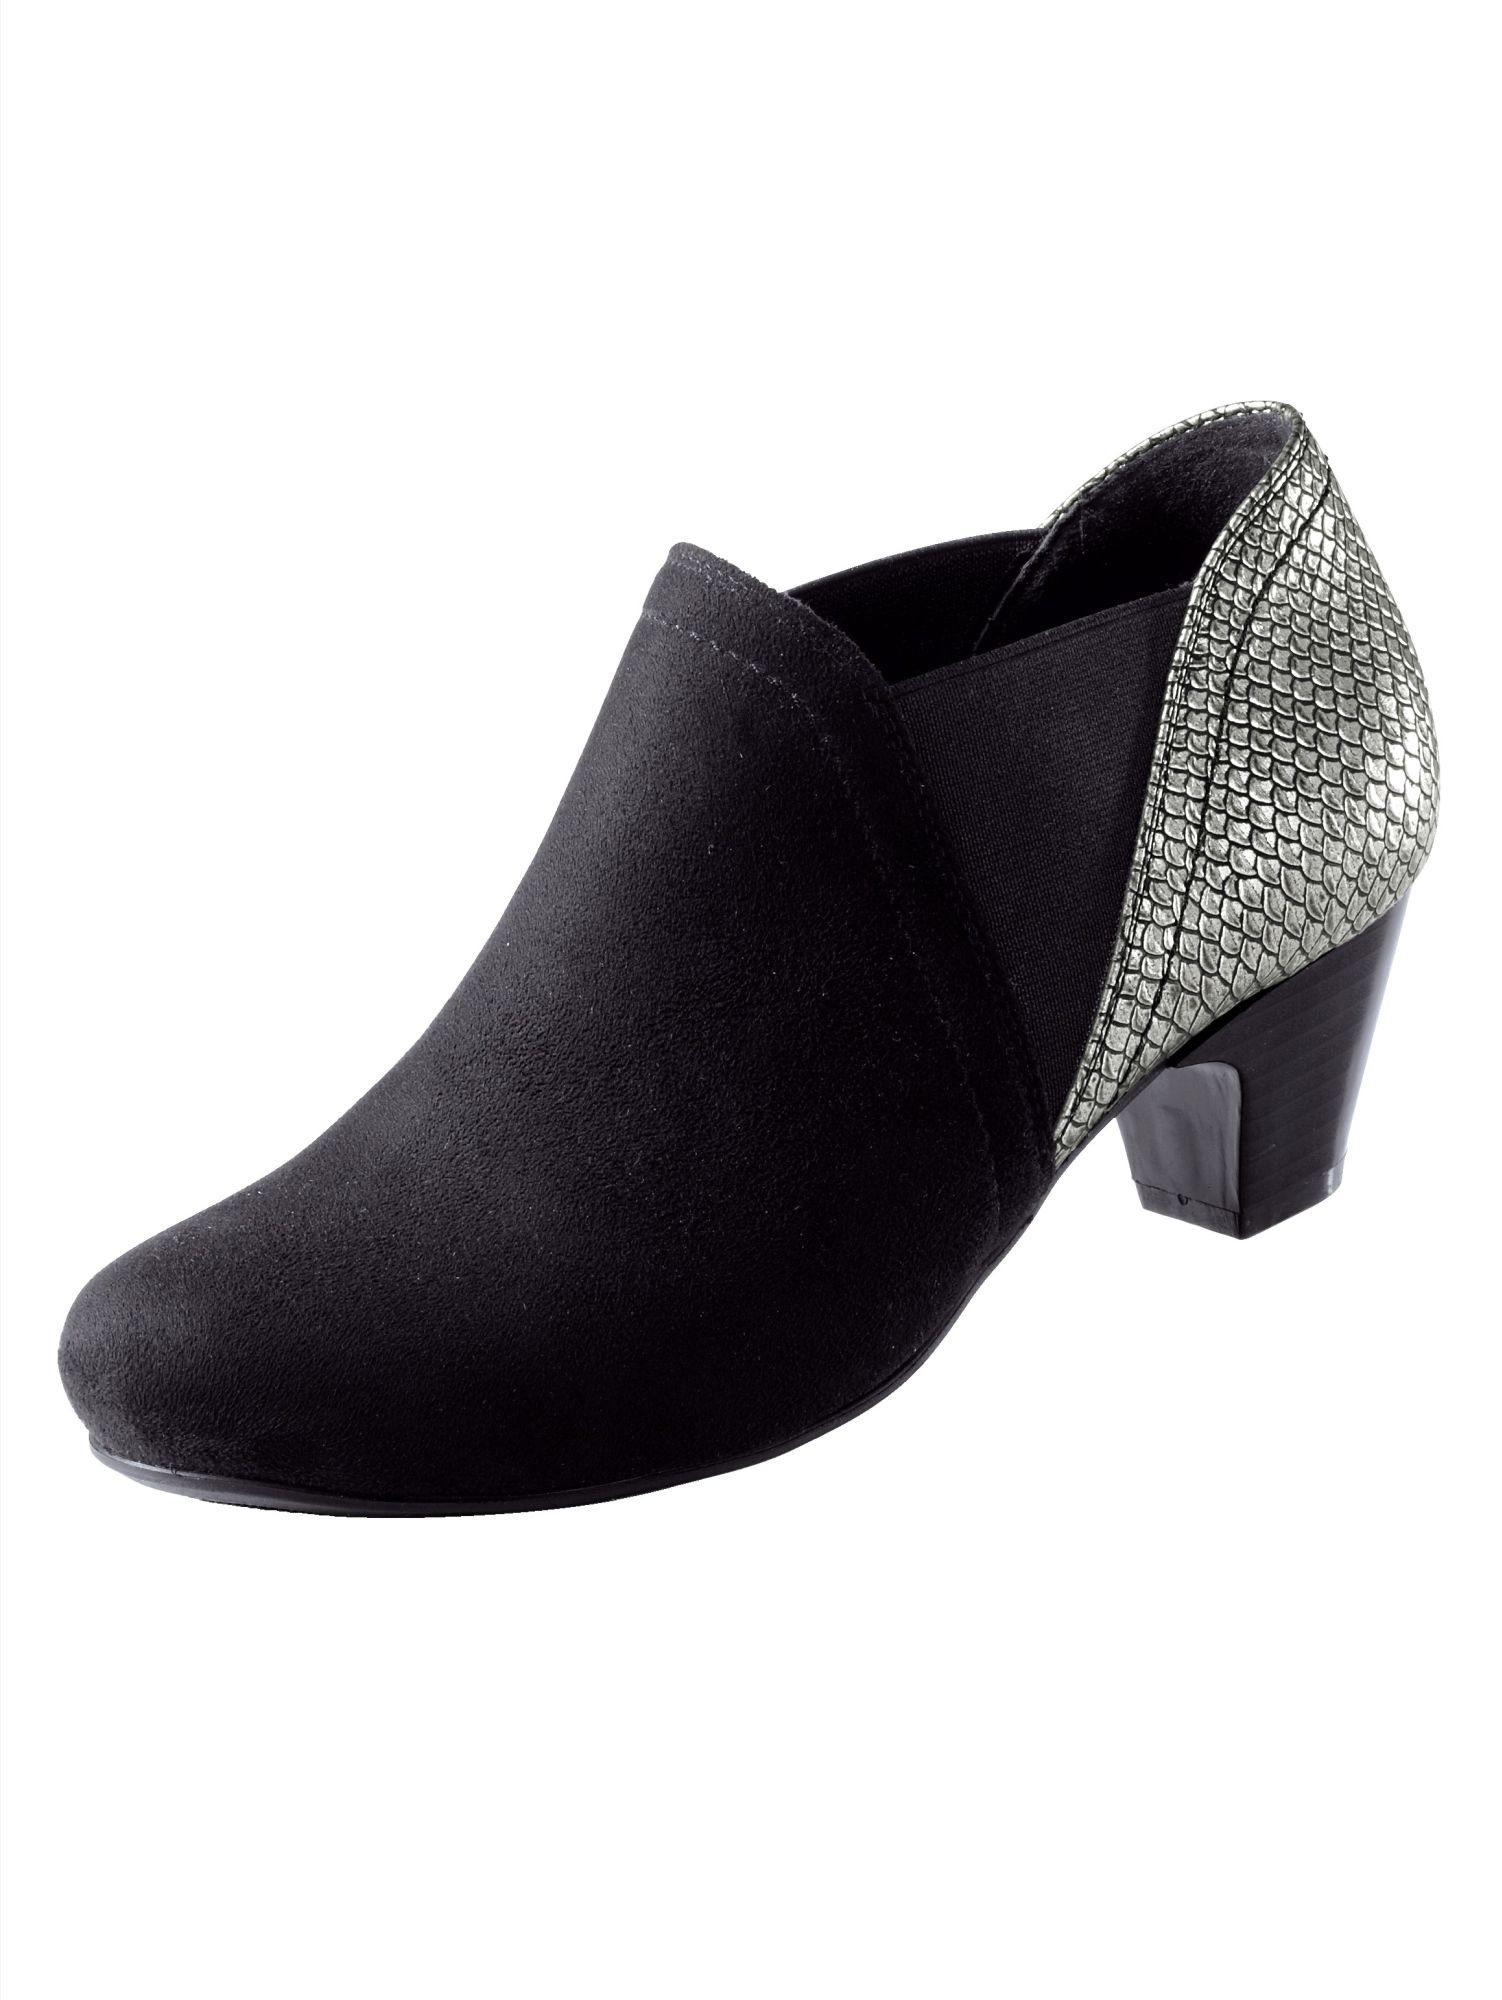 Liva Loop Ankle Boot im harmonischen Materialmix  schwarz#ft5_slash#silber